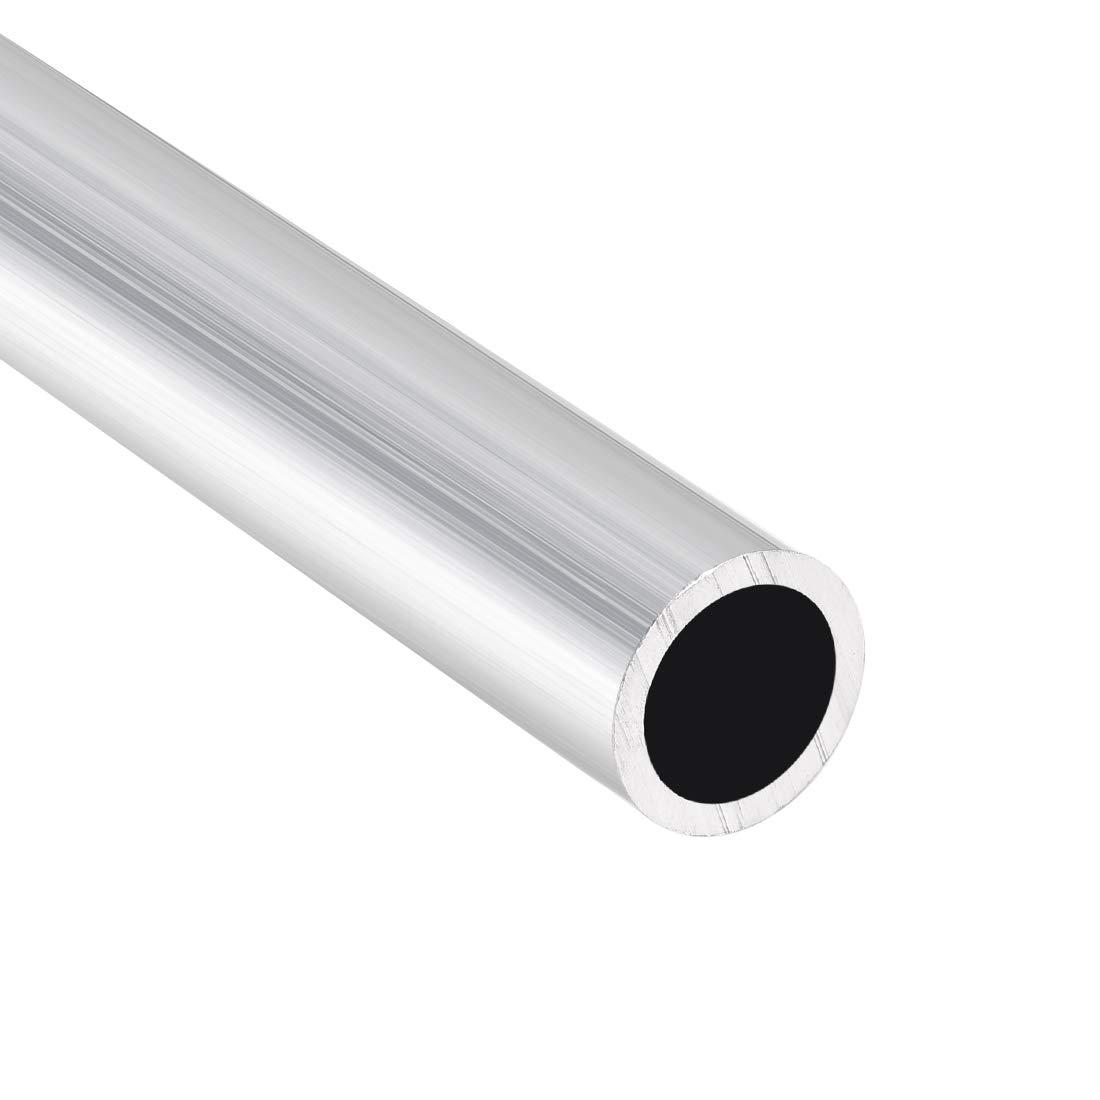 6063 Aluminum Round Tube 300mm Length 17mm OD 10mm Inner Dia Seamless Tubing